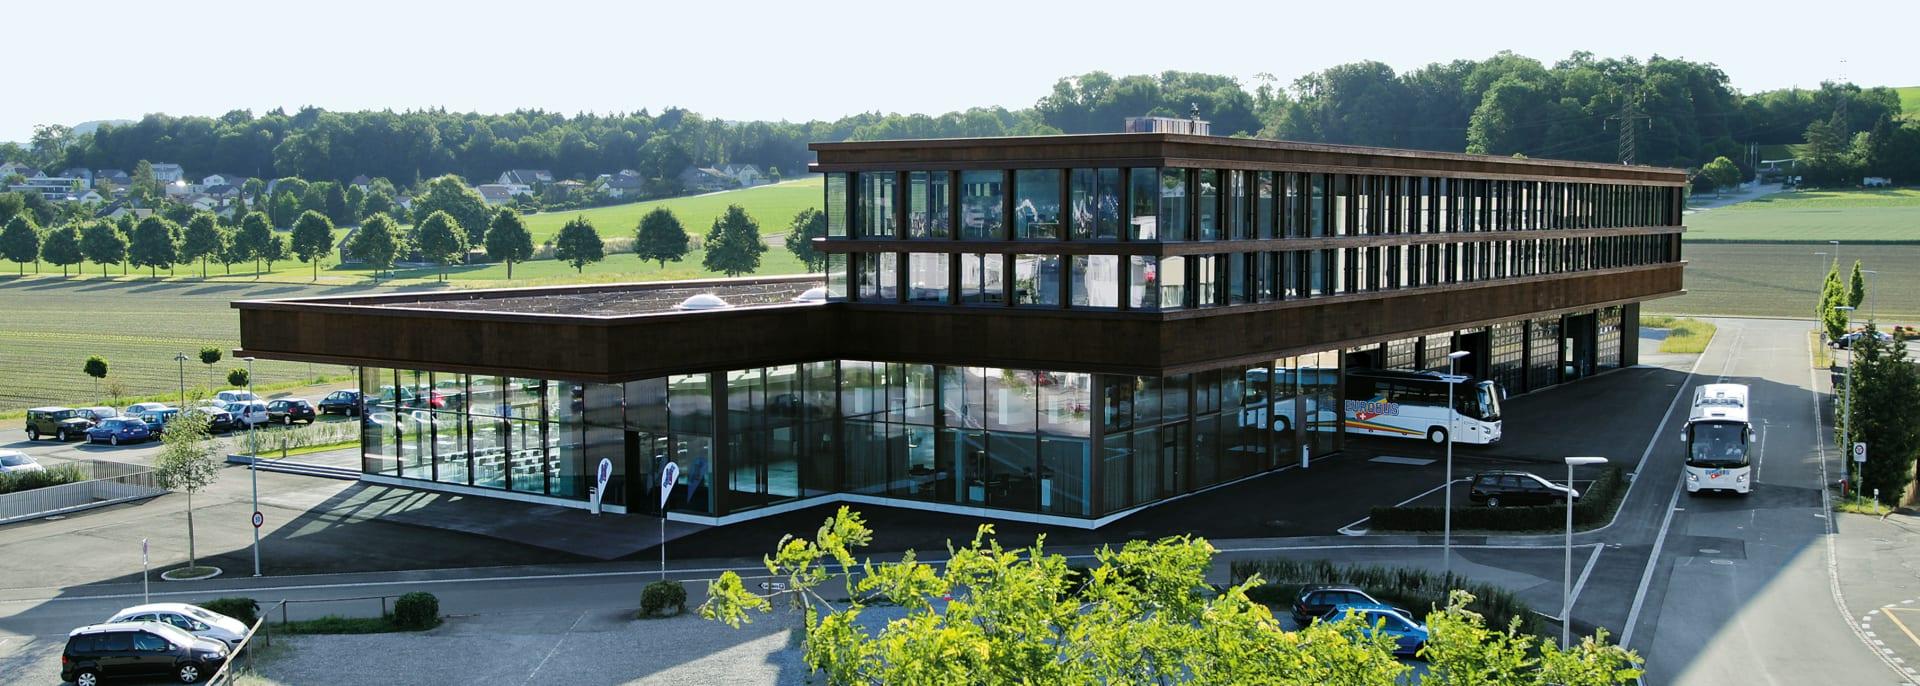 Reisezentrum knecht reisen AG, Windisch